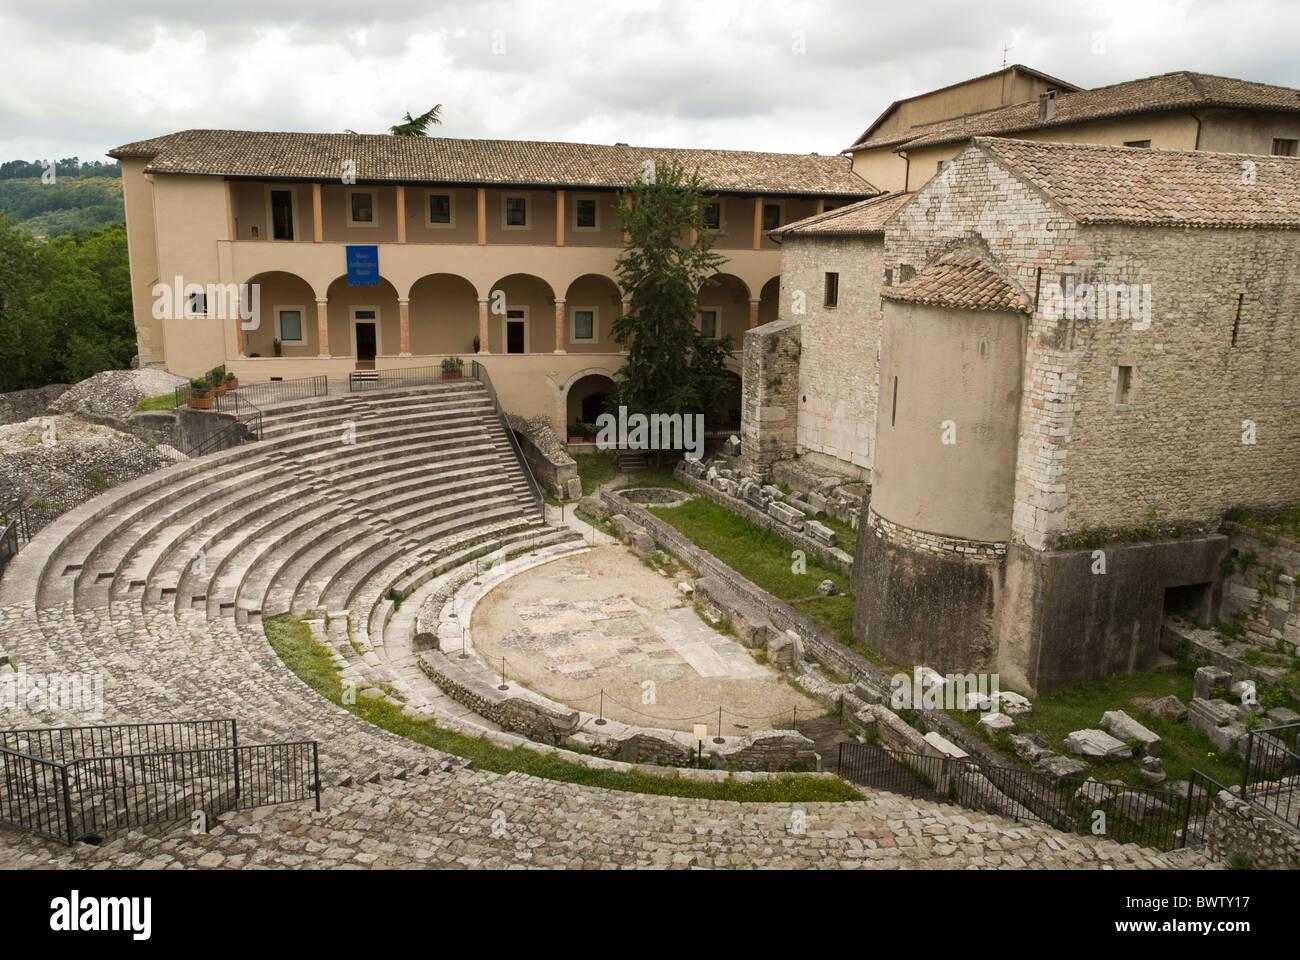 Ruin of amphitheatre at Piazza della Liberta, Spoleto, Umbria - Stock Image